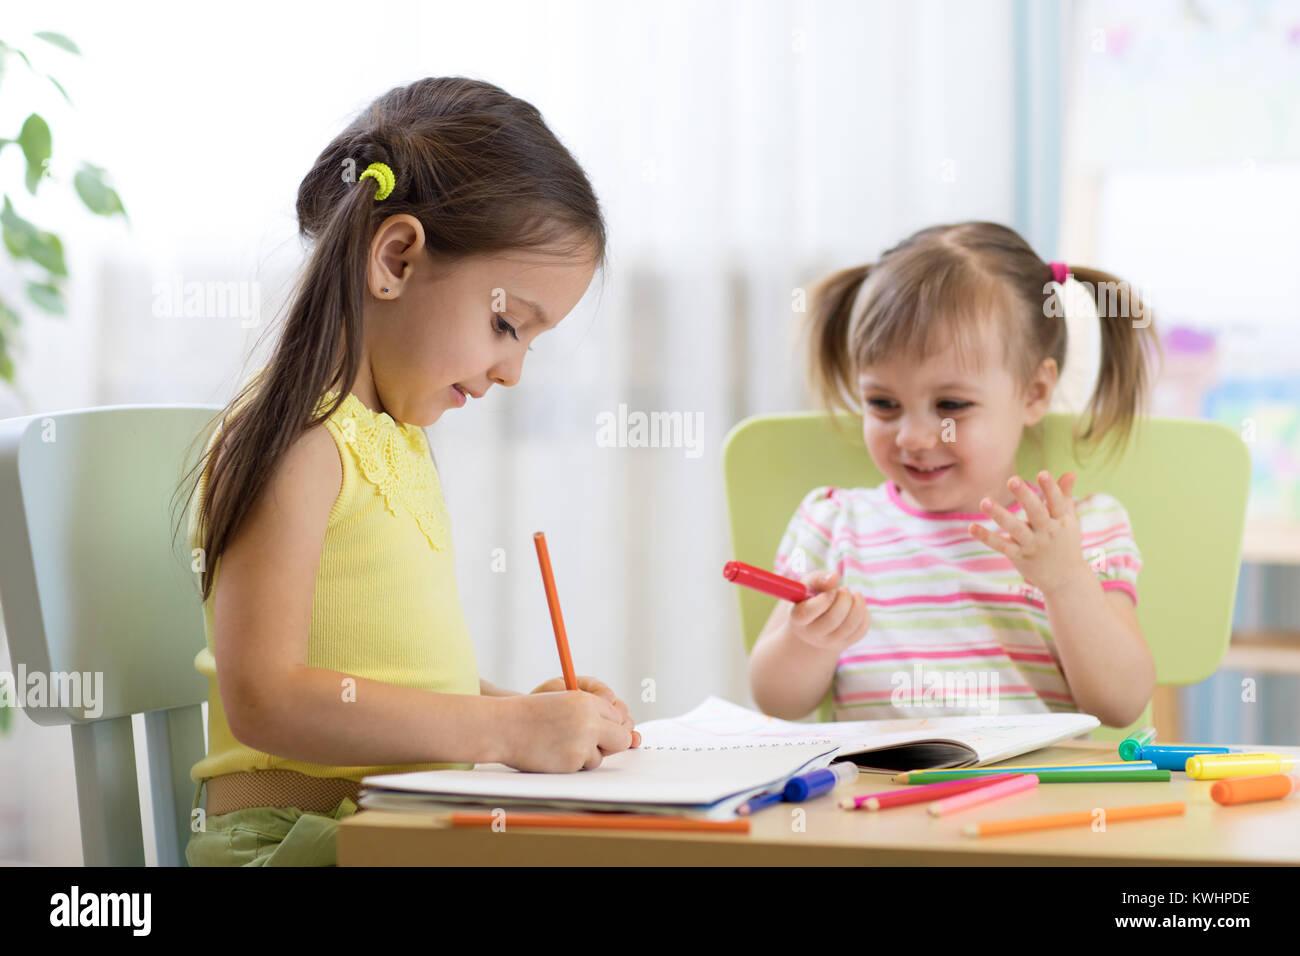 Dibujo de niños felices en la sala de párvulos Imagen De Stock